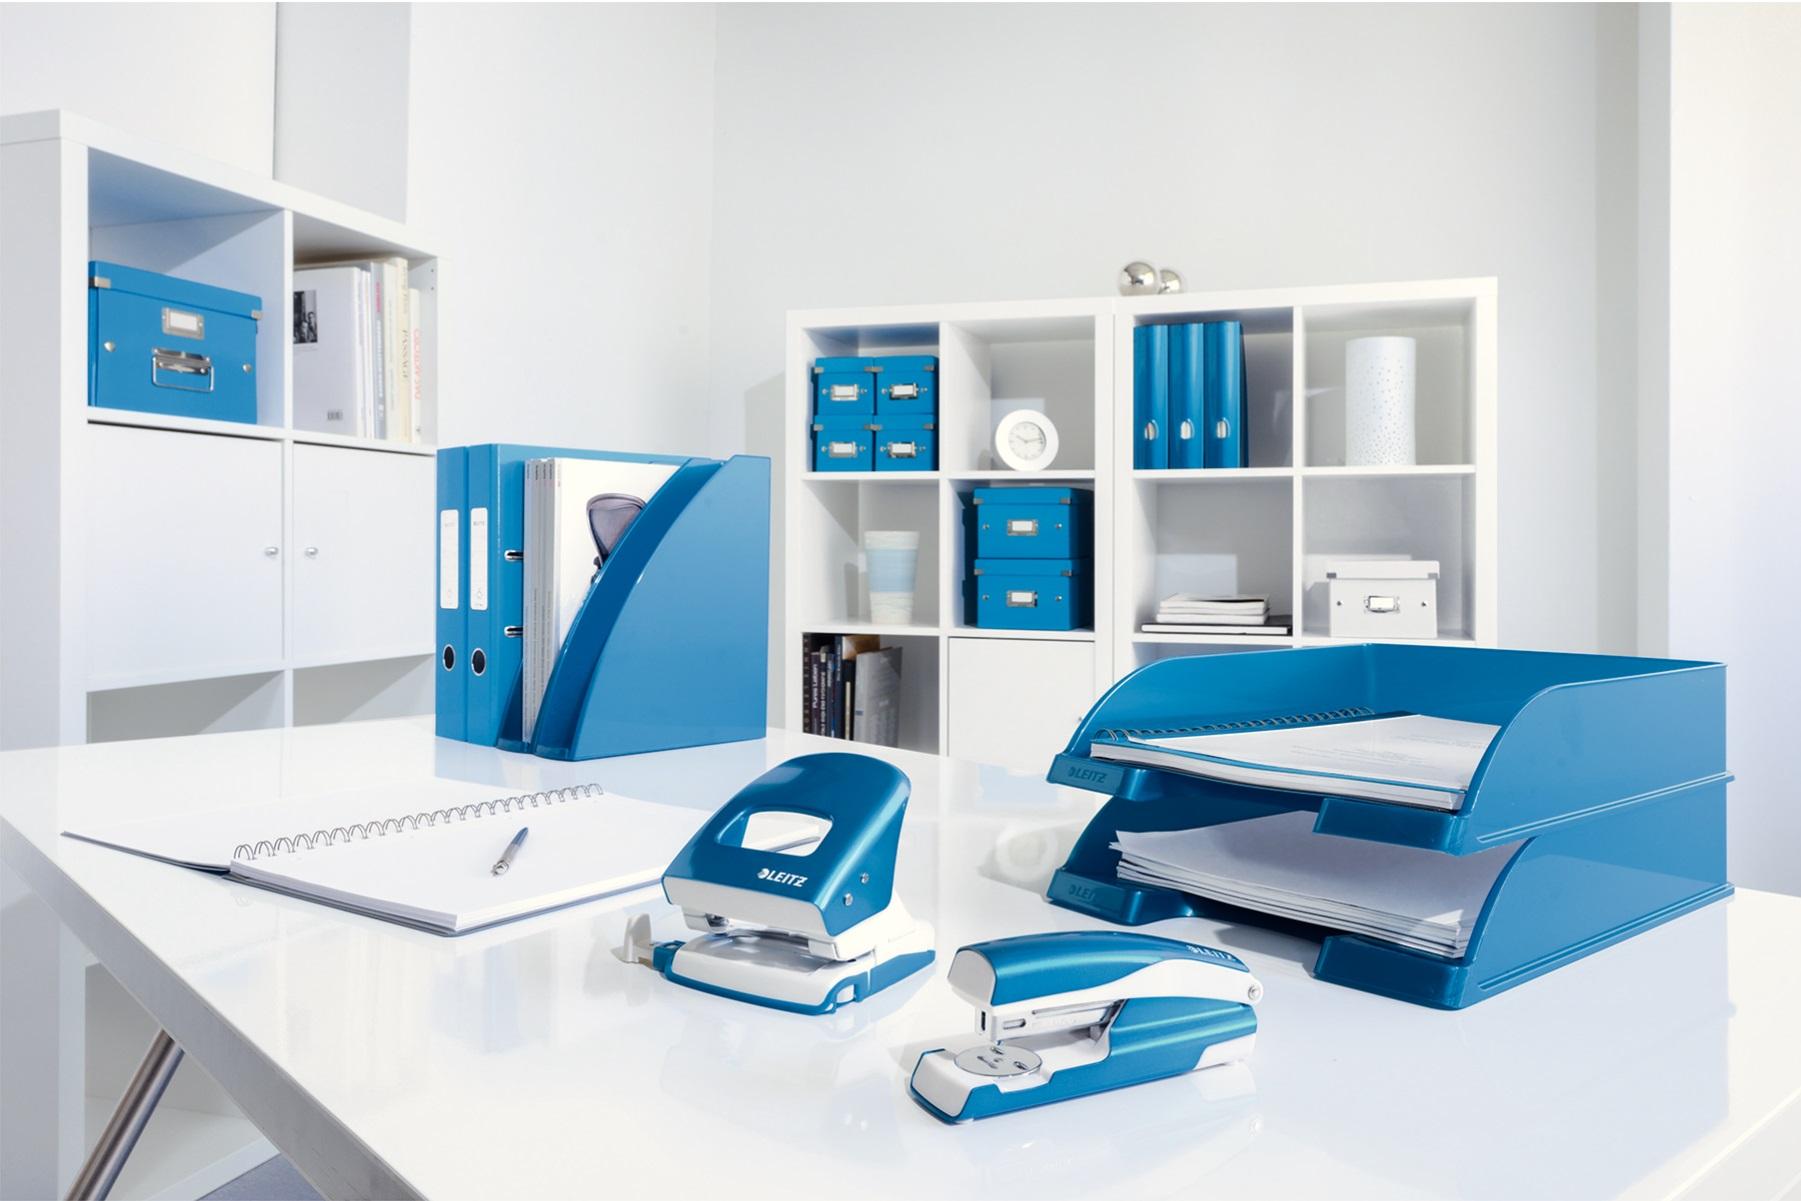 Descriere Capsator metalic de birou, pentru maxim 30 coli, capse 24/6, albastru, LEITZ 5502 NeXXt Series